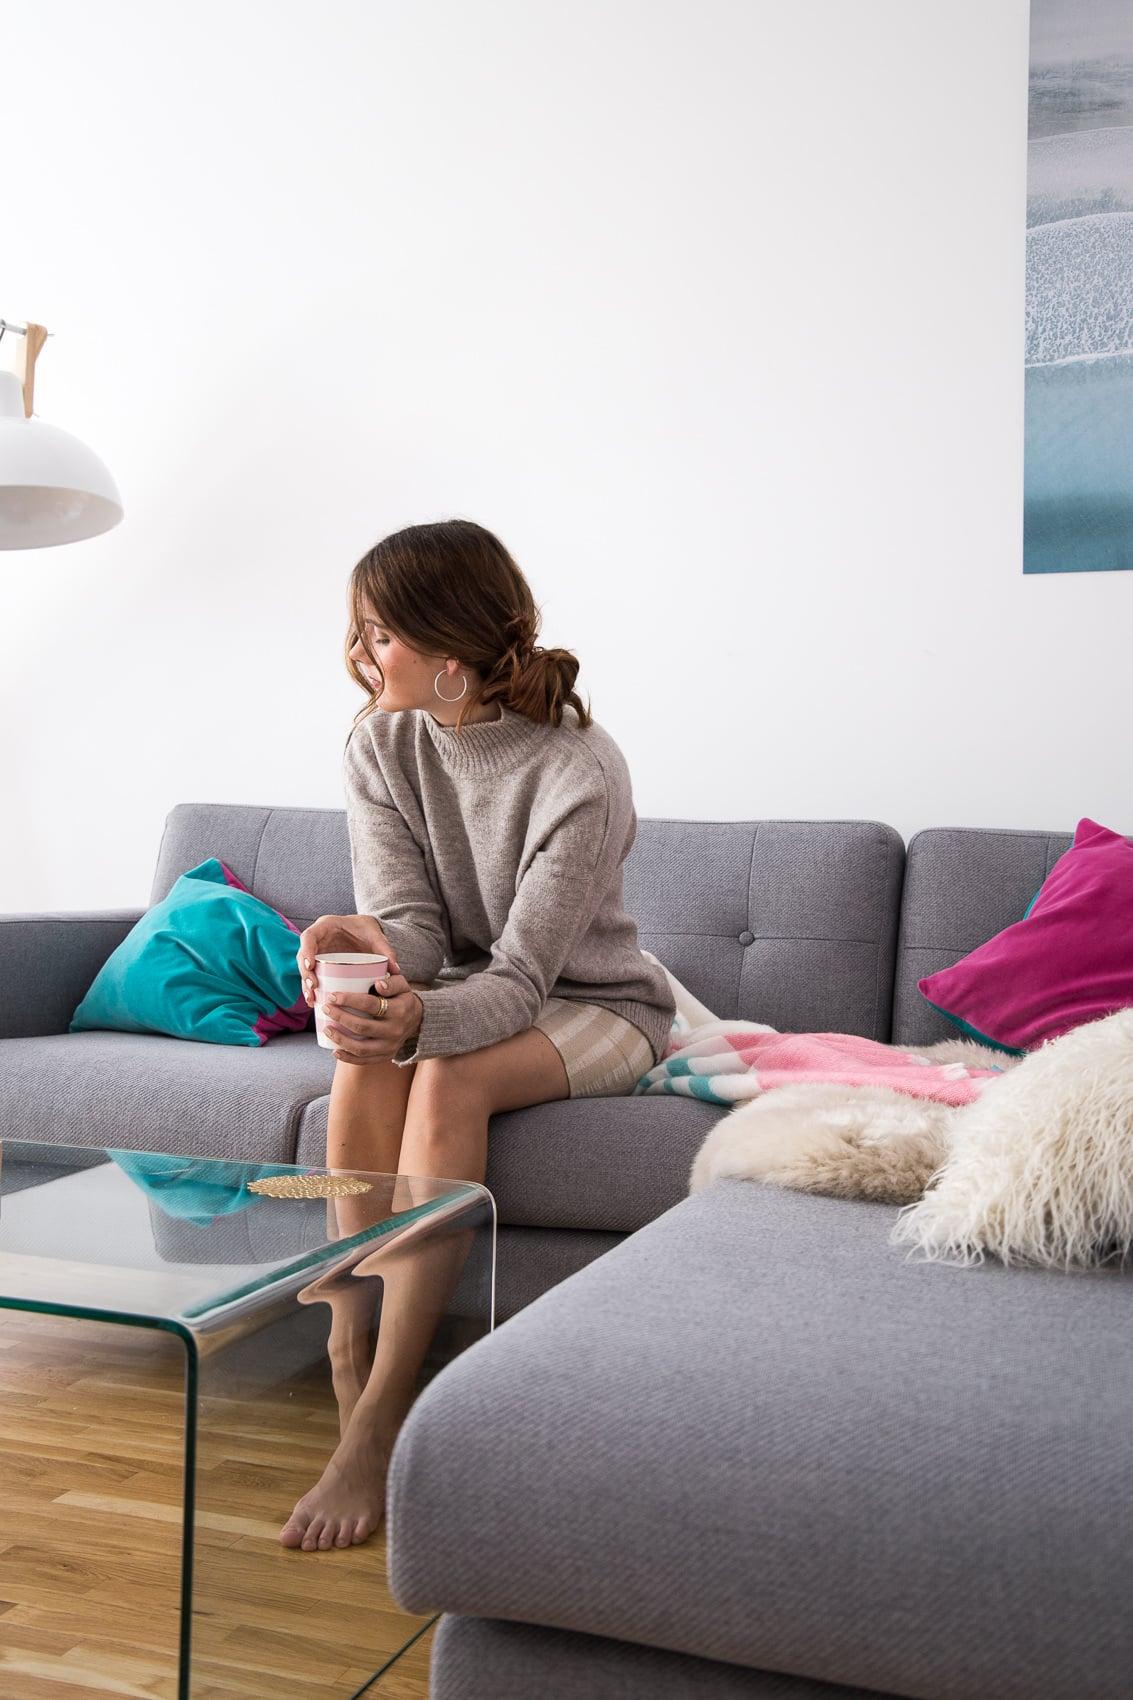 neues sofa fr ein neues sofa das auf der stockholmer stockholm furniture light fair. Black Bedroom Furniture Sets. Home Design Ideas